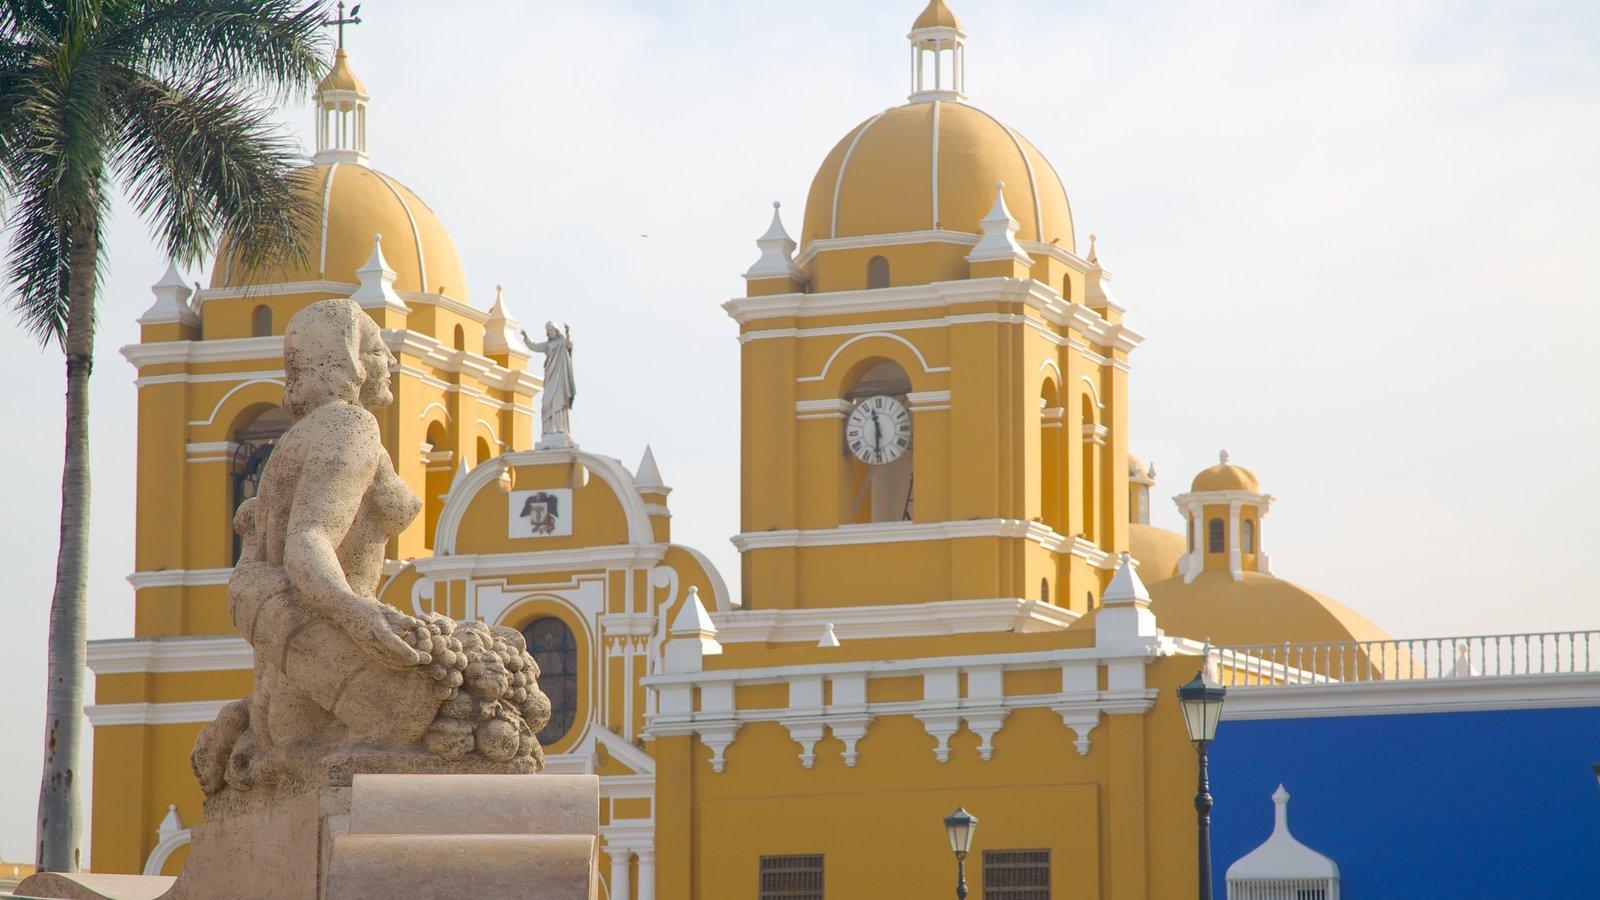 Catedral de Trujillo que inclui uma igreja ou catedral e uma estátua ou escultura